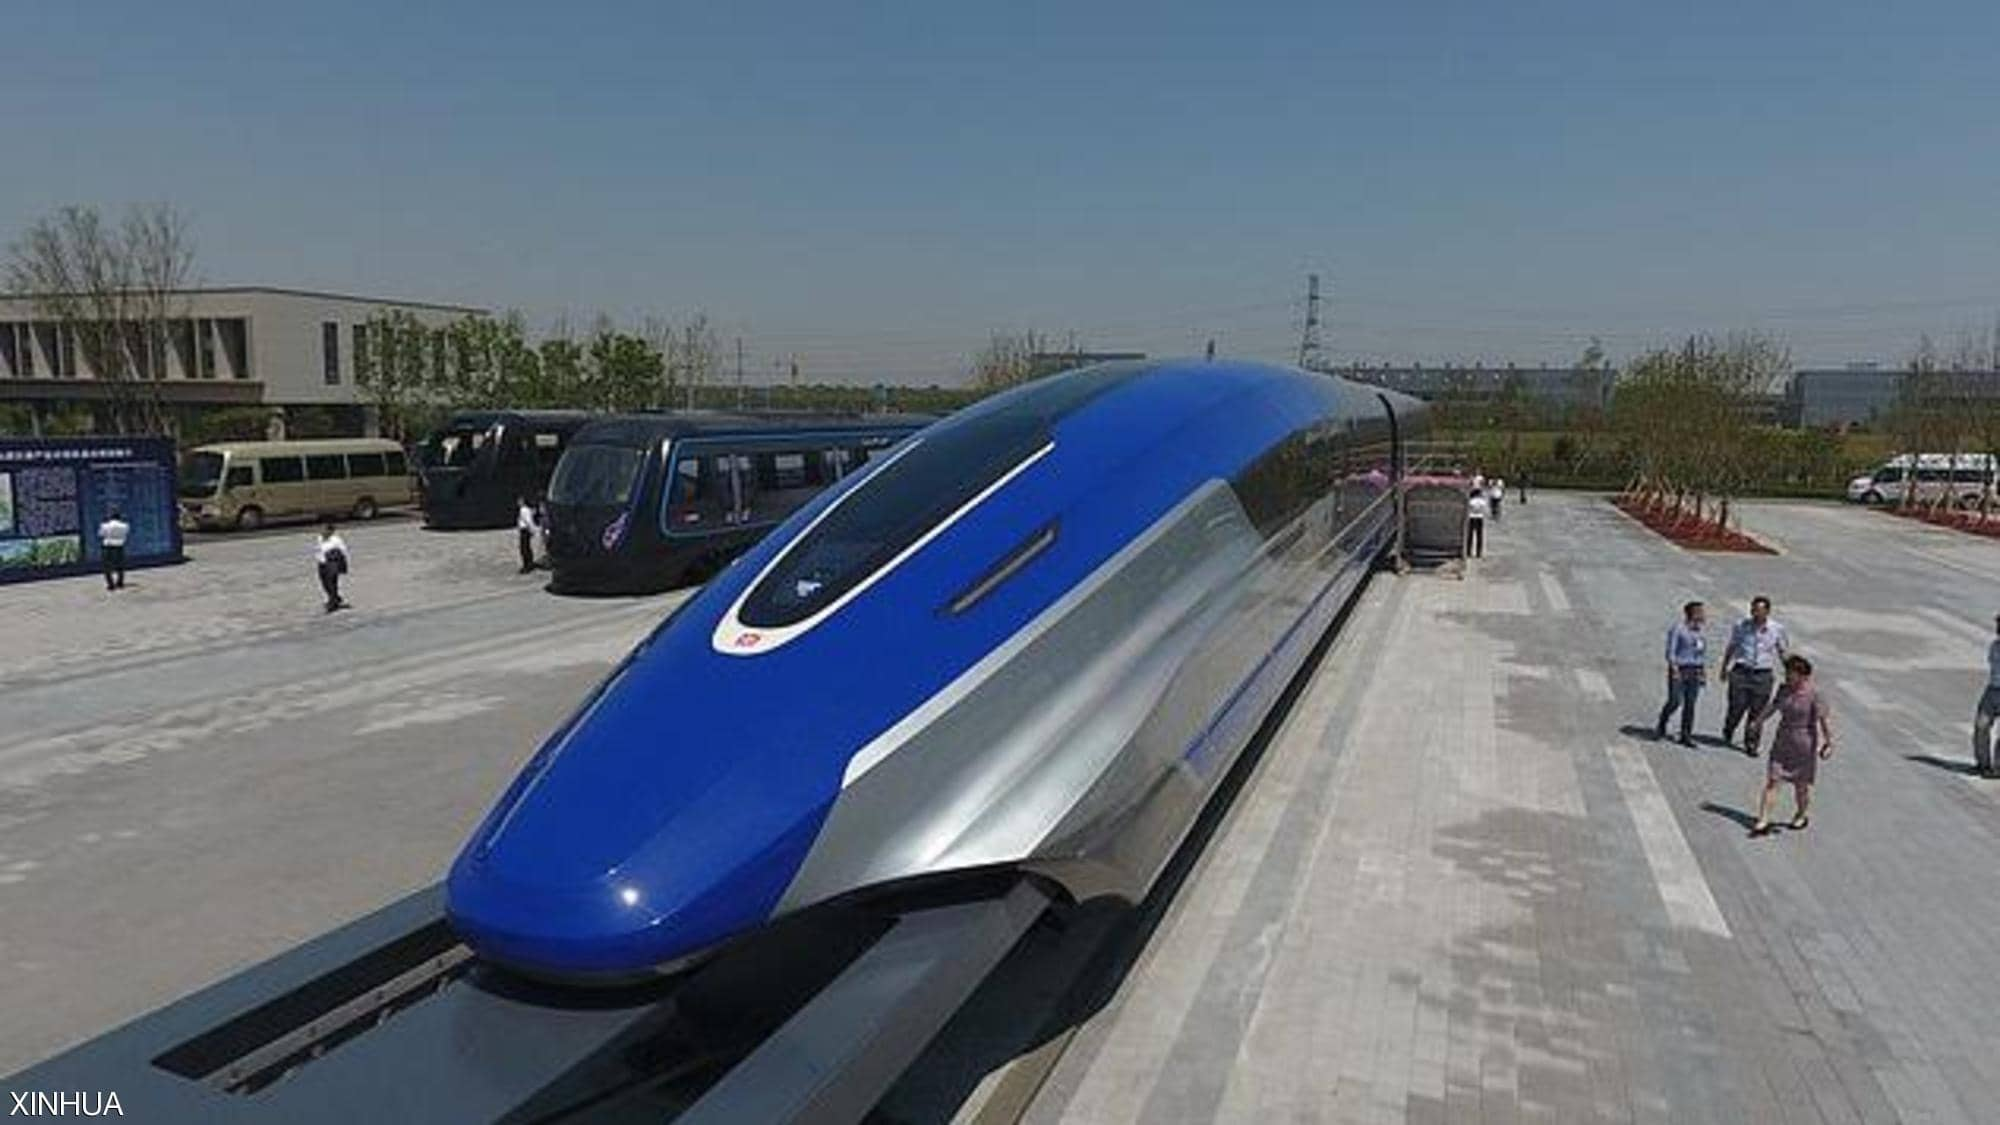 صور: الصين تُطلق قطارا بسرعة 600 كلم/س